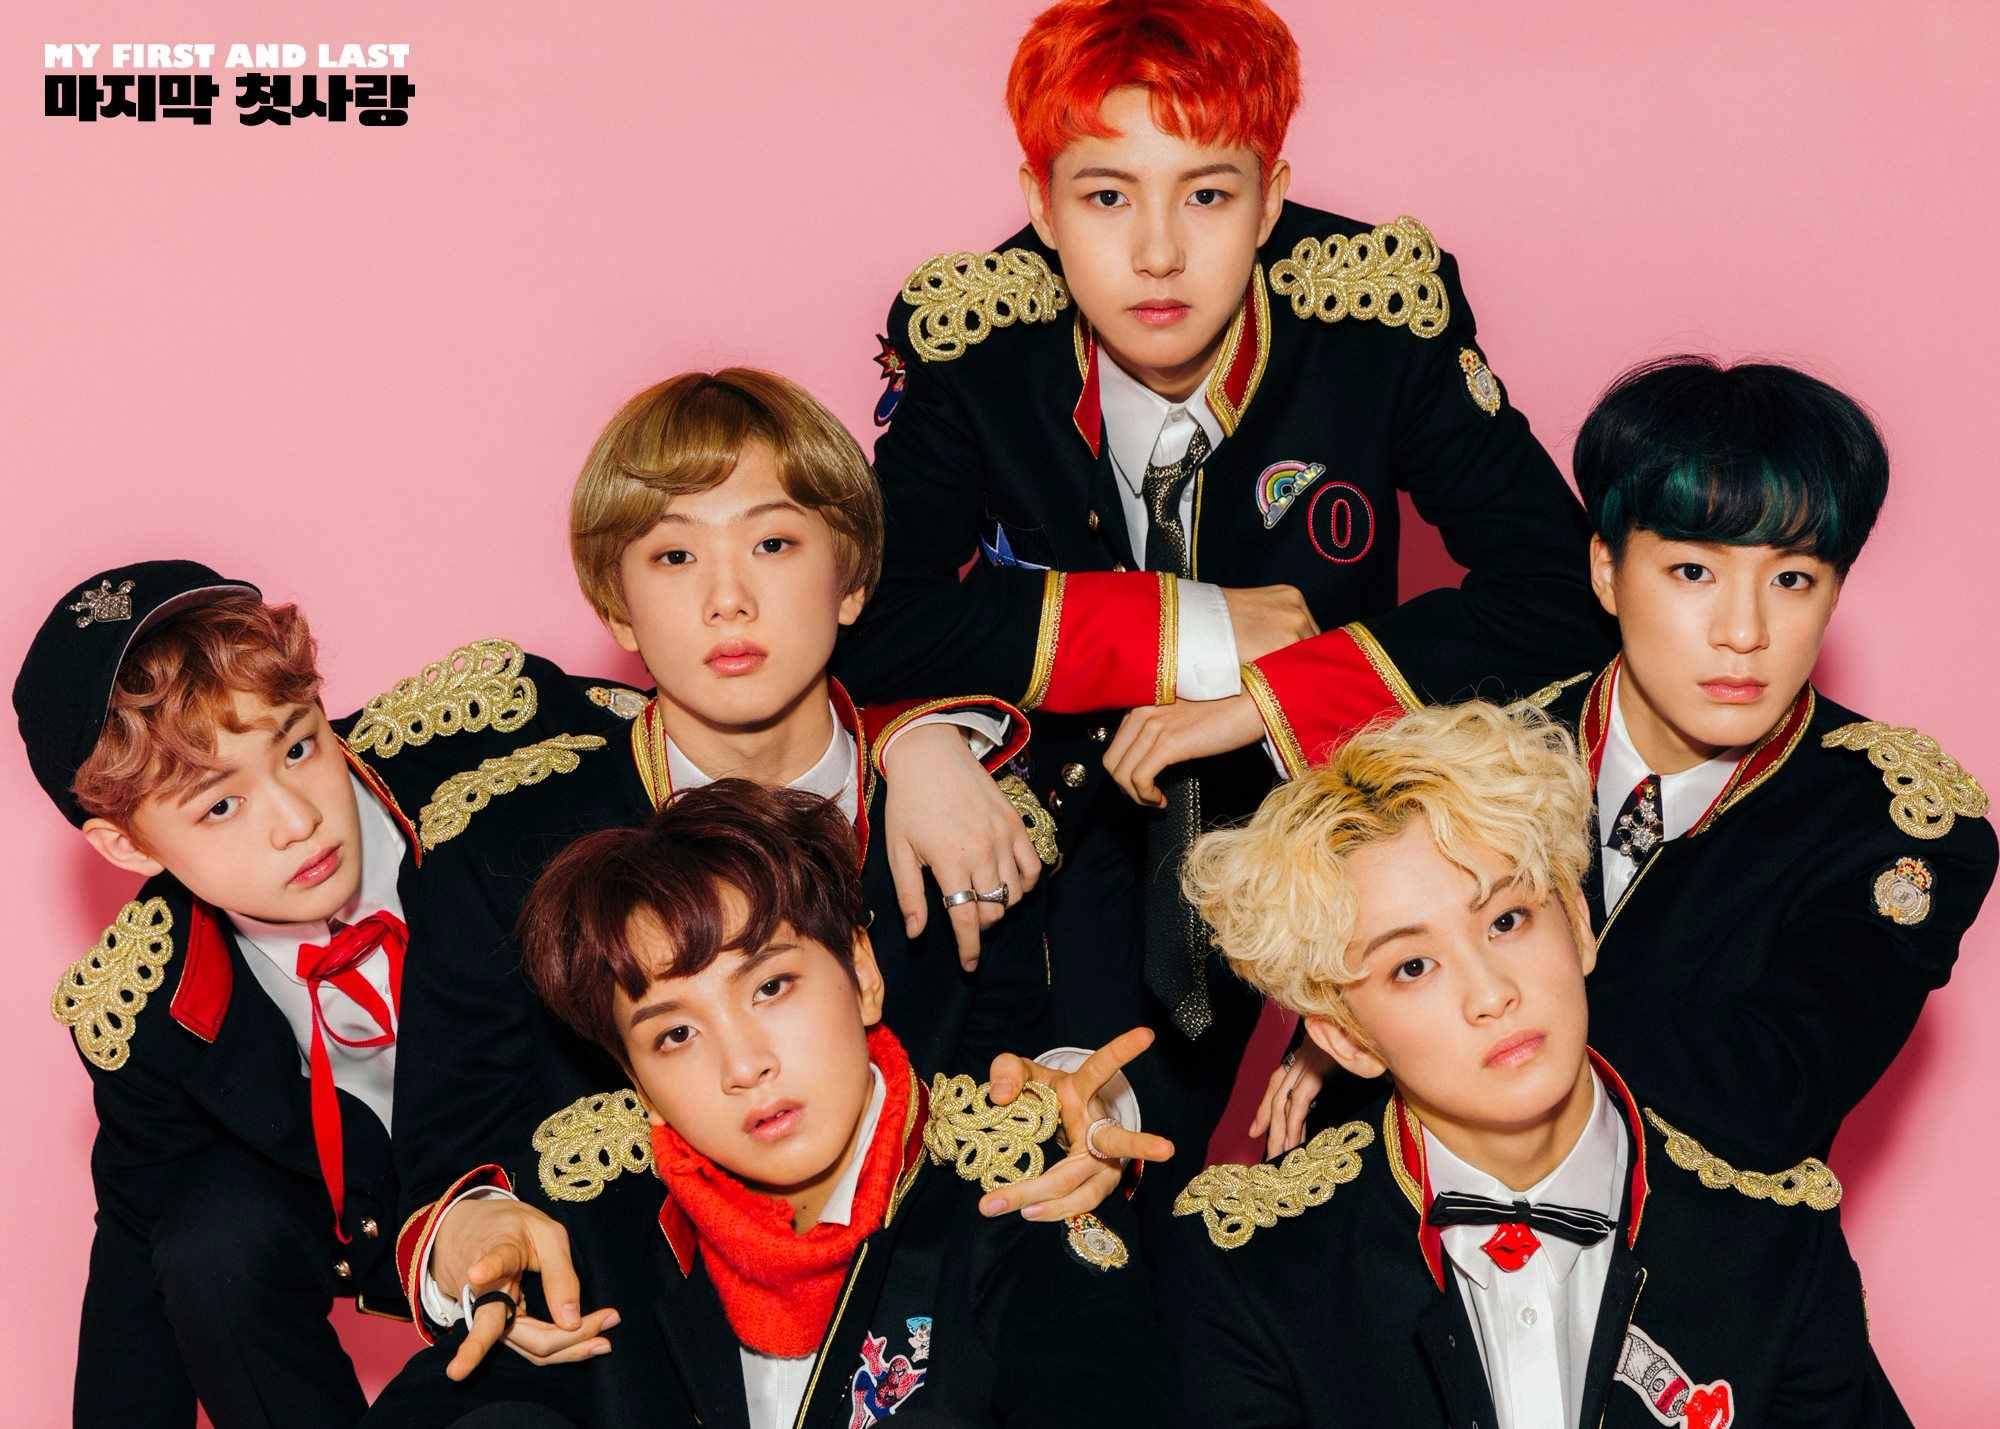 17日輪到SM的忙內NCT DREAM回歸了。 去年8月出道的NCT DREAM是由6名年齡都是10幾歲的成員组成的